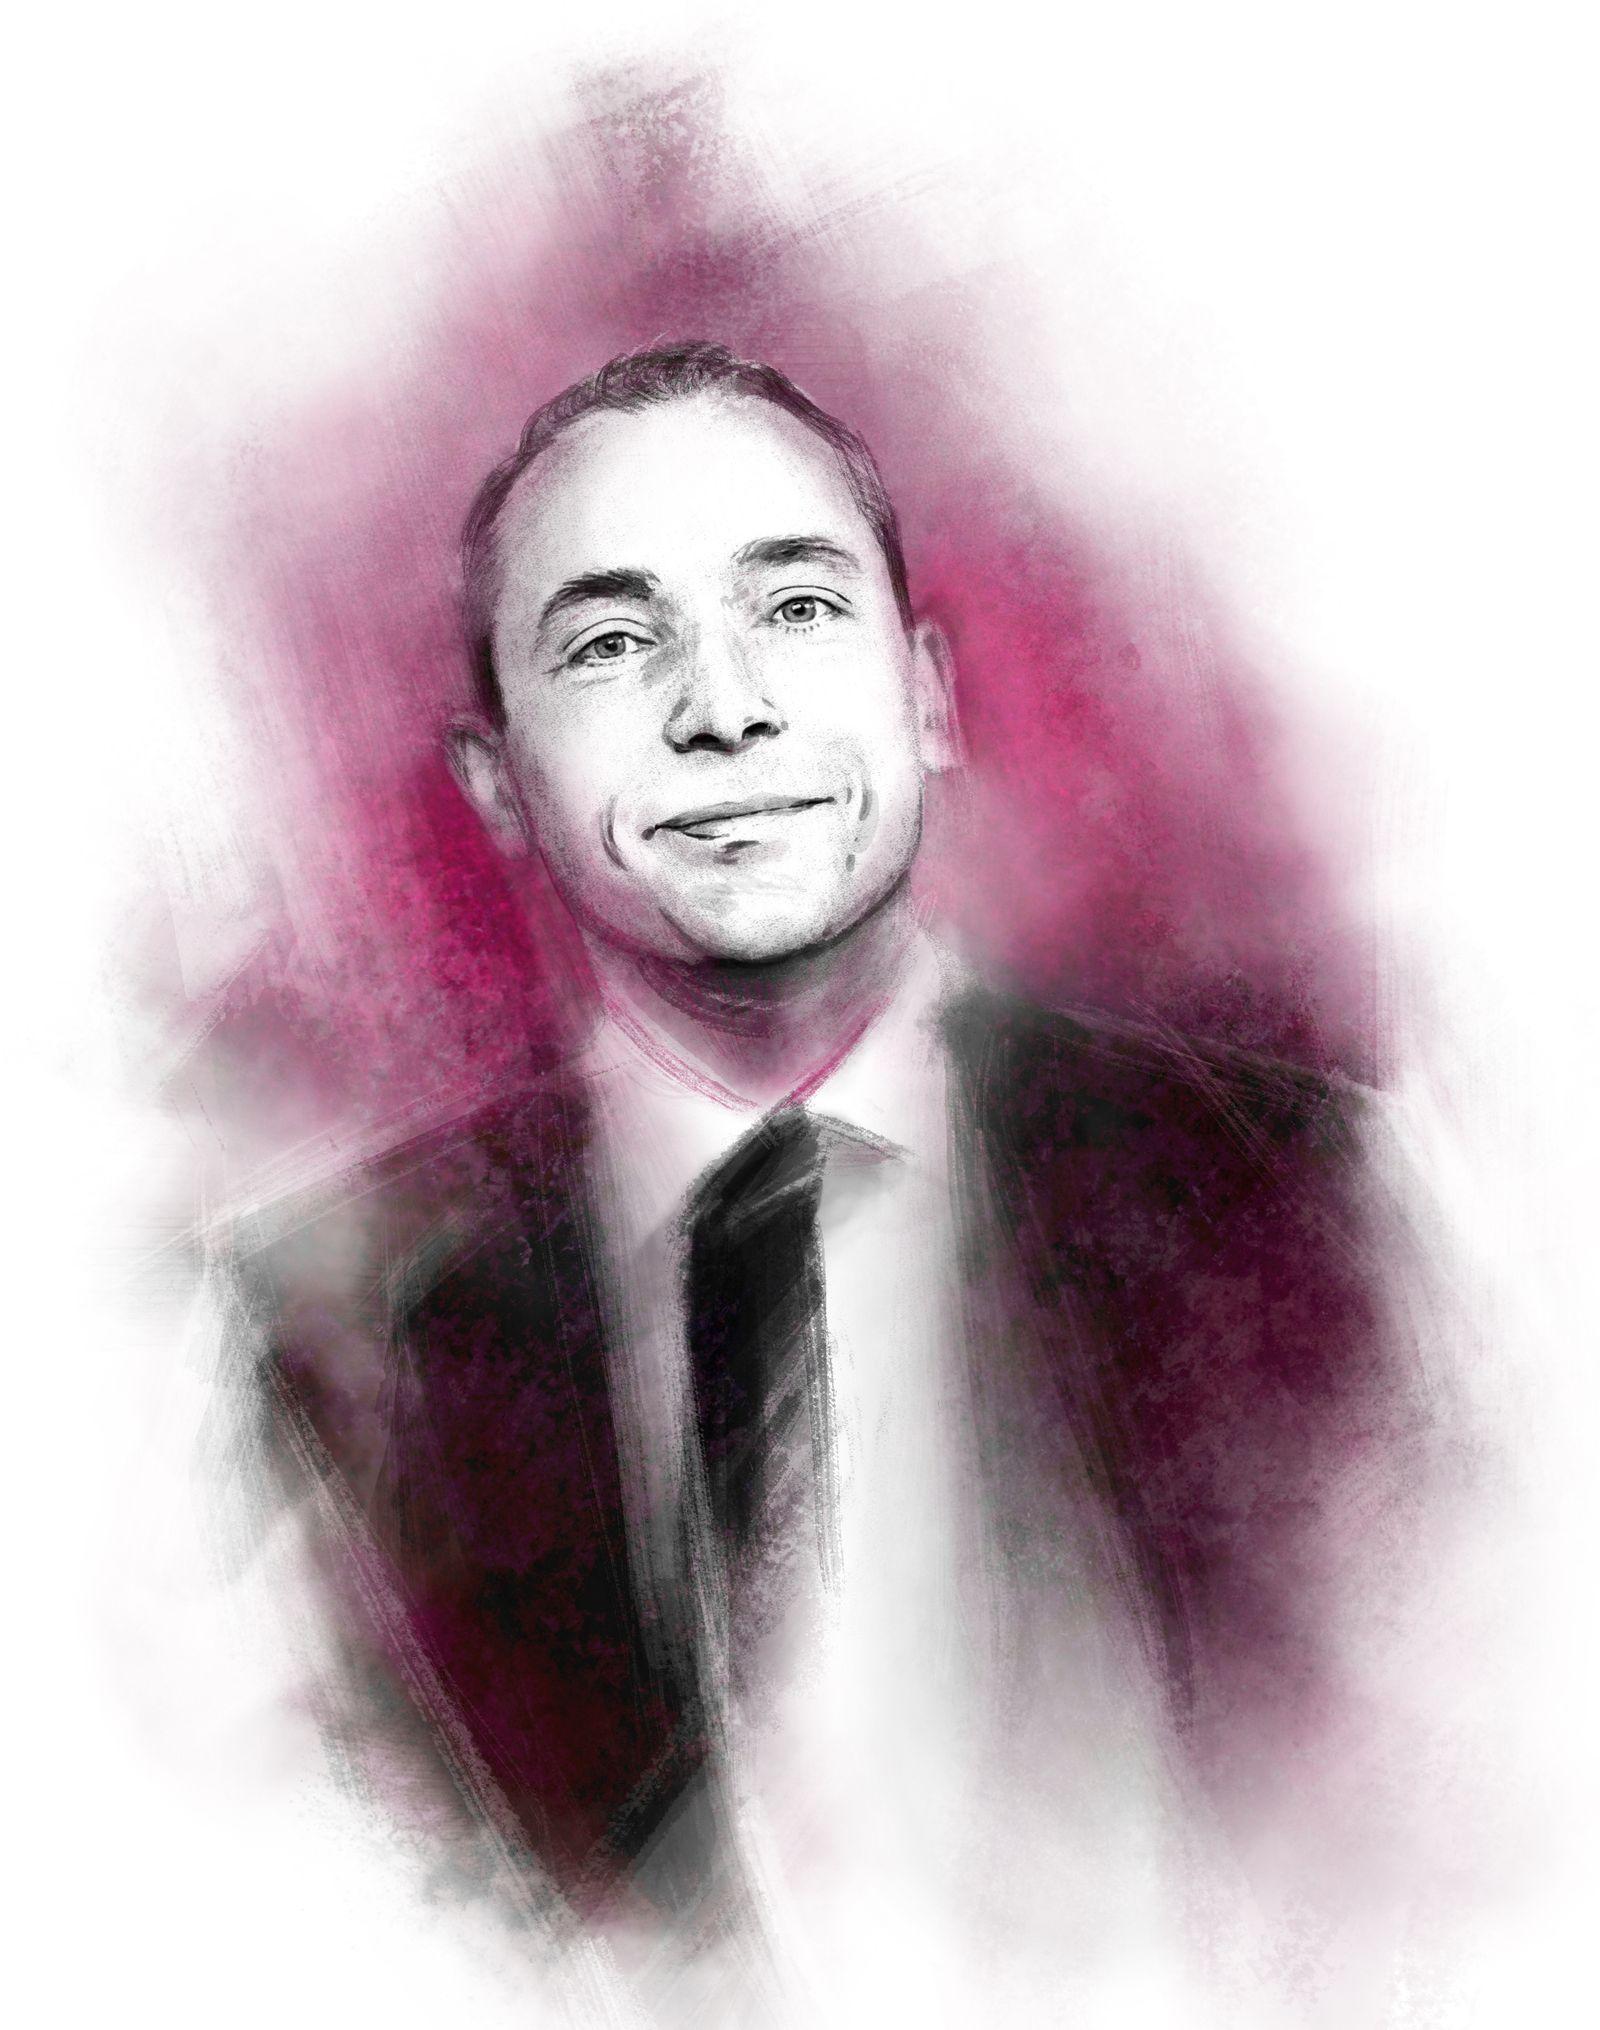 EINMALIGE VERWENDUNG Andreas Rickert, Vorstand der Phineo gAG